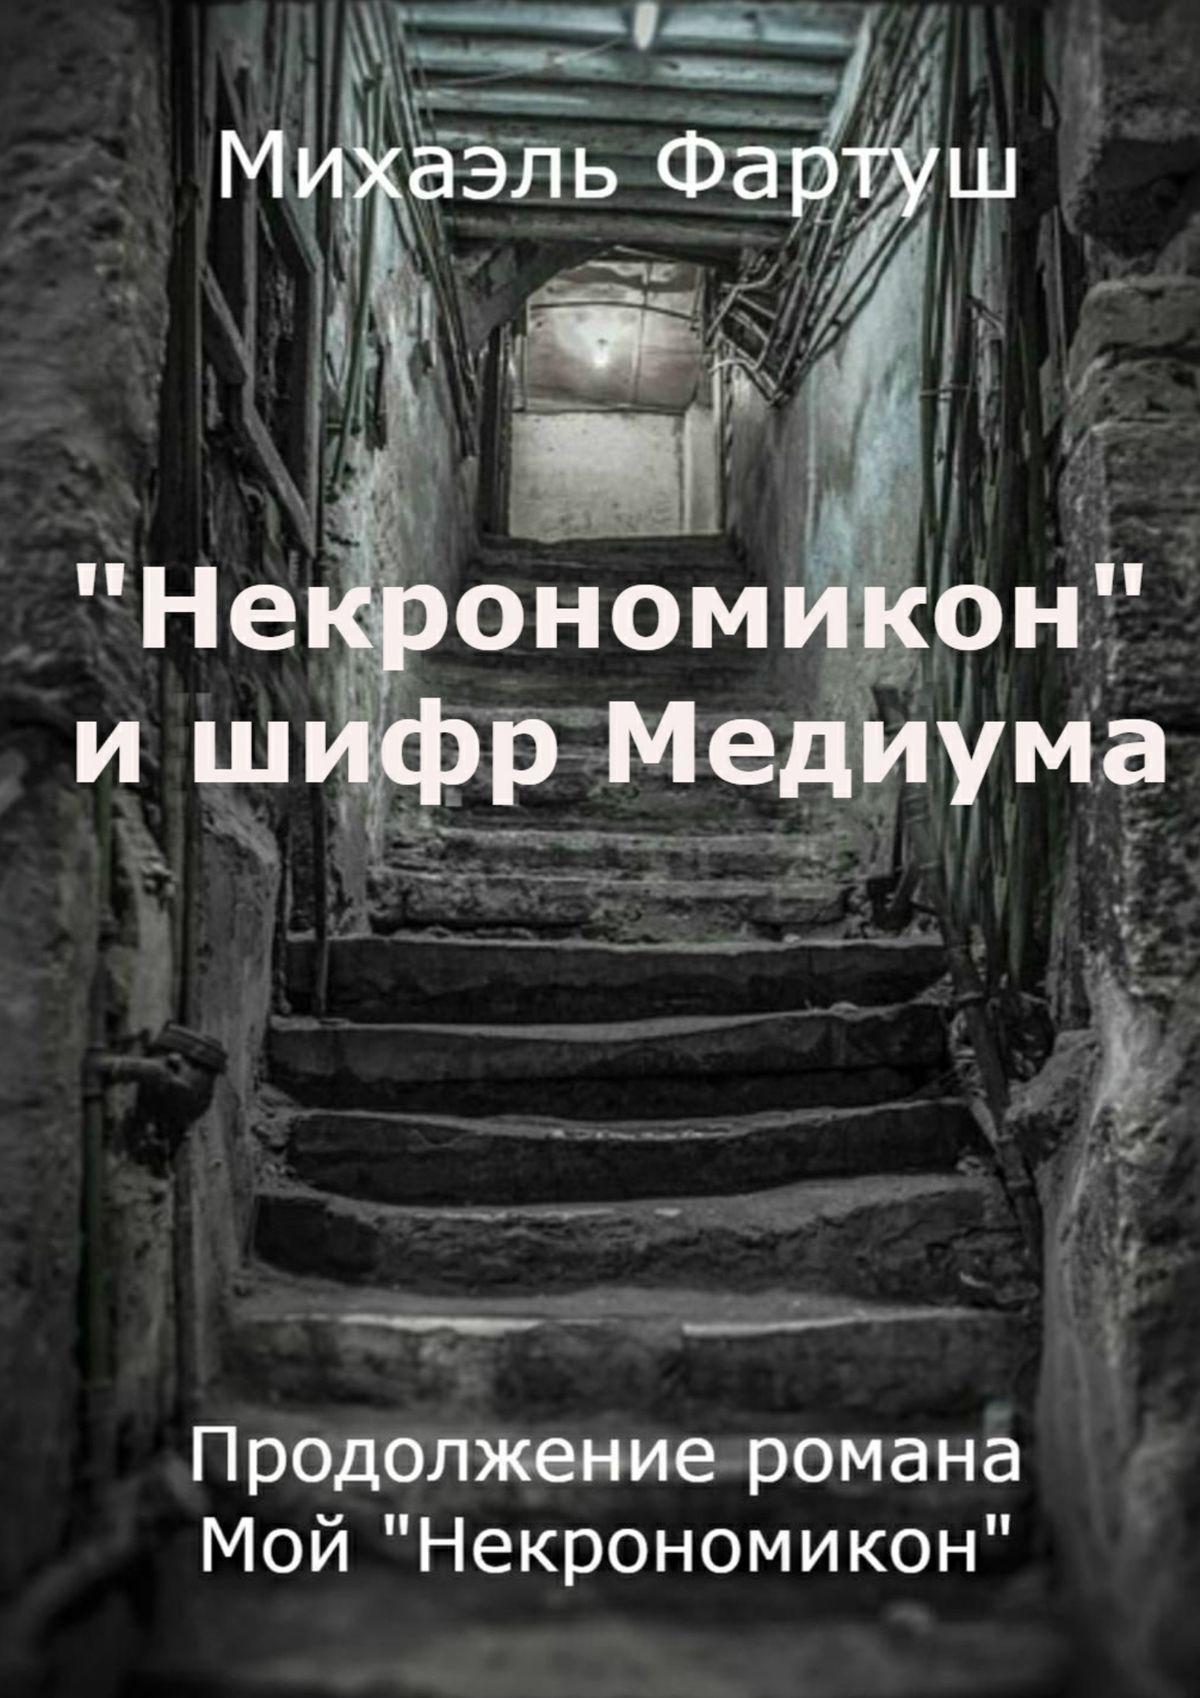 Михаэль Фартуш «Некрономикон» и шифр Медиума михаэль фартуш синдром алисы в стране чудес